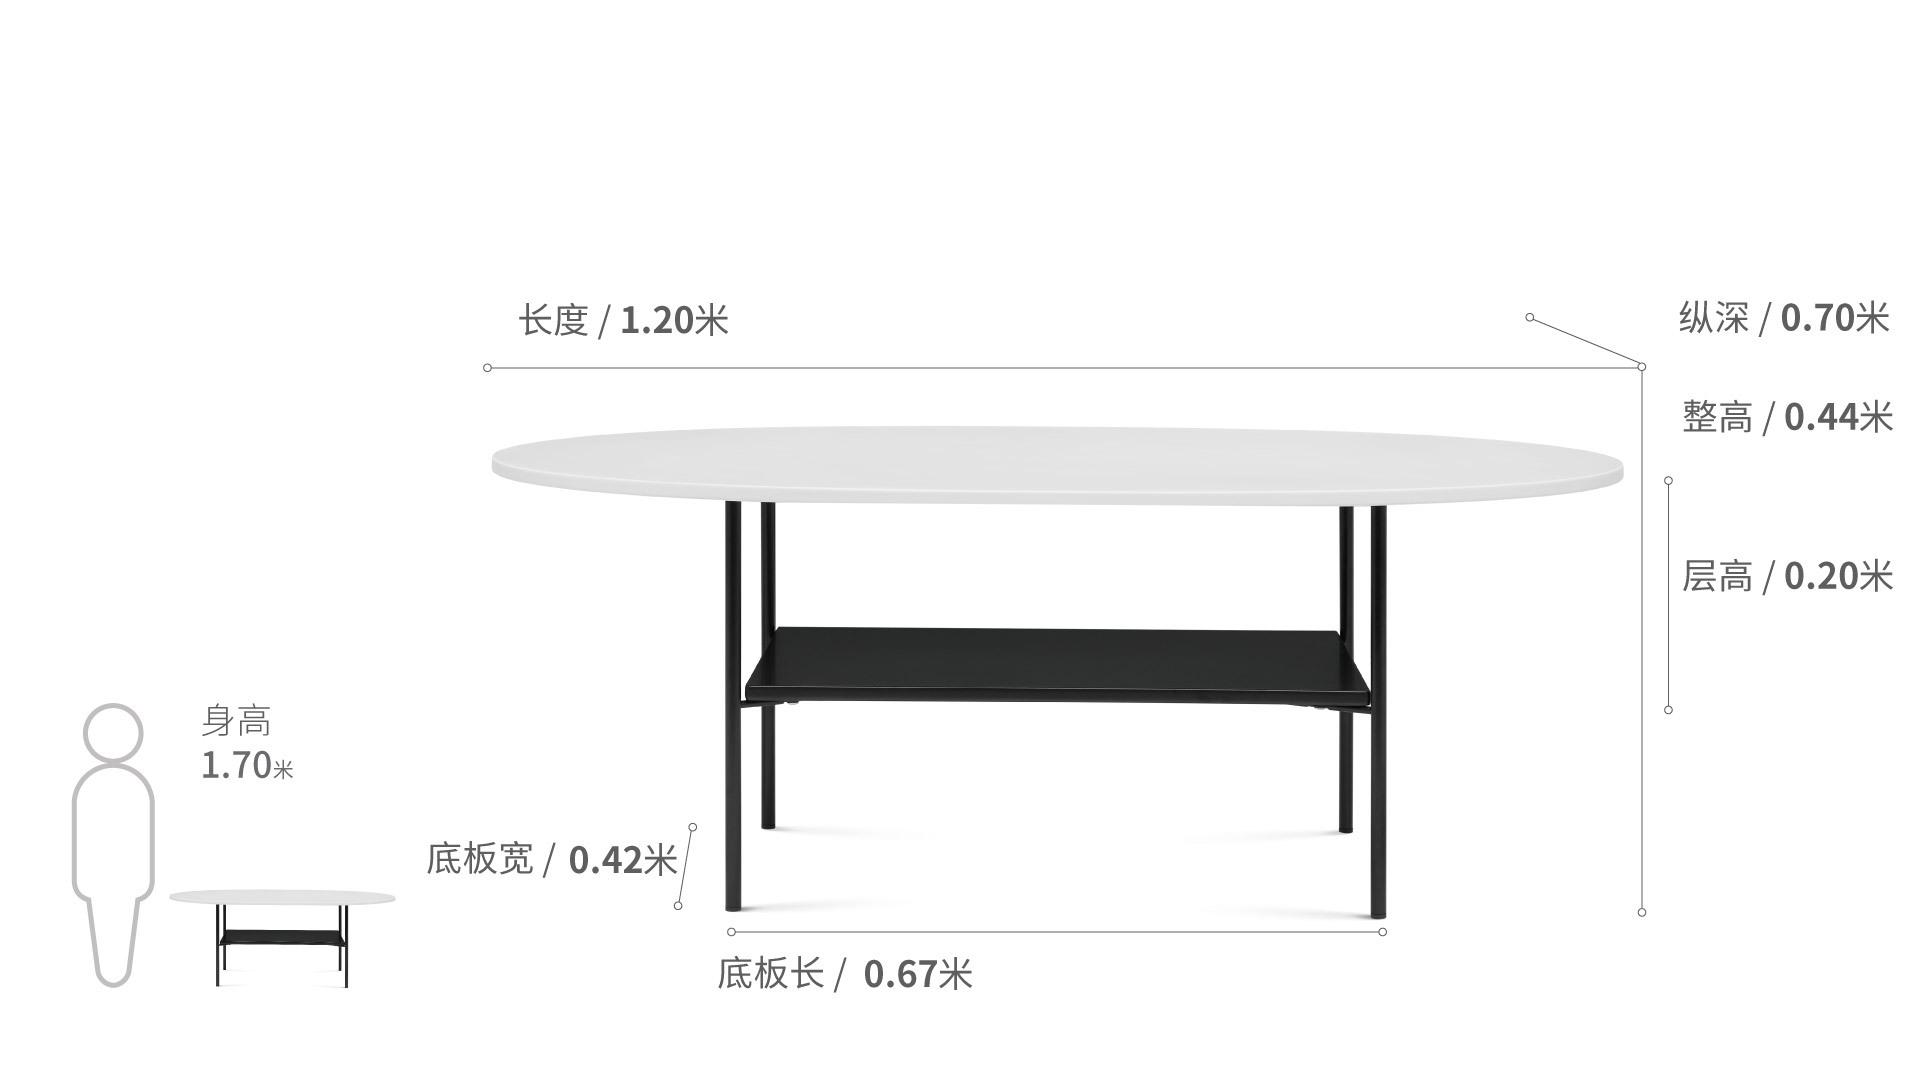 熊貓茶幾橢圓款桌幾效果圖